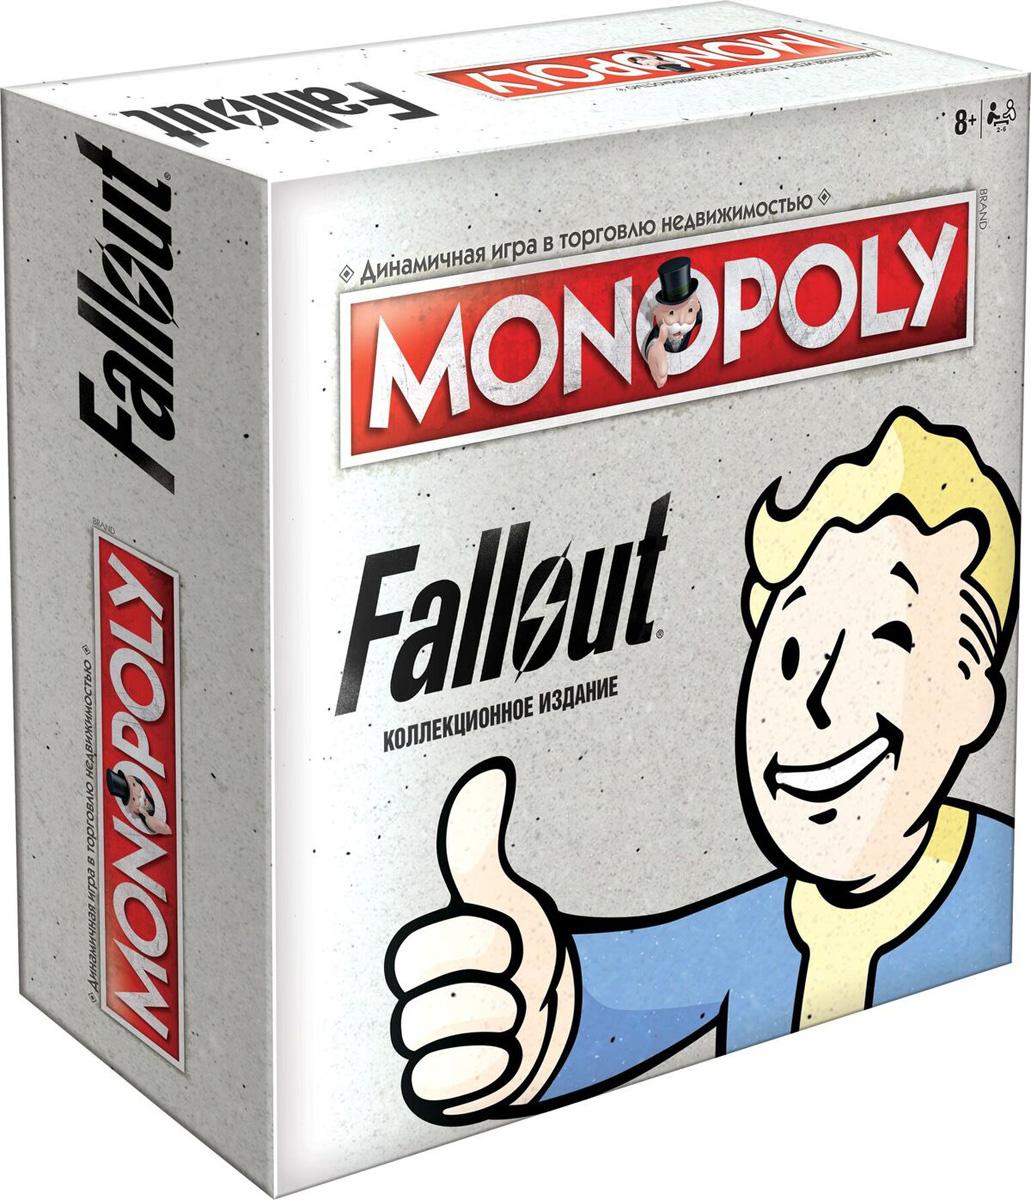 Настольная игра Monopoly Fallout, 503388503388Добро пожаловать в мир Fallout. Смотритель принял решение, что именно вы должны покинуть безопасные границы своего Убежища и исследовать мир, уничтоженный ядерной войной. Хватит ли у вас сил и навыков заново построить цивилизацию, торгуя в Пустоши и стремясь решить судьбу человечества? Удачи и добро пожаловать домой! Особенности игры: 1) новая версия легендарной игры 2) основана на знаменитой вселенной 3) игра полностью на русском. Состав игры 6 фигурок 28 карточек собственника 16 карточек Система S.P.E.C.I.A.L 16 карточек РУКОВОДСТВО ПО ВЫЖИВАНИЮ ДЛЯ ЖИТЕЛЕЙ УБЕЖИЩА 2 кубика 32 дома, которые теперь называются Лачуги 12 отелей, которые теперь называются Убежища 1 пачка денег Fallout правила Рекомендуем!